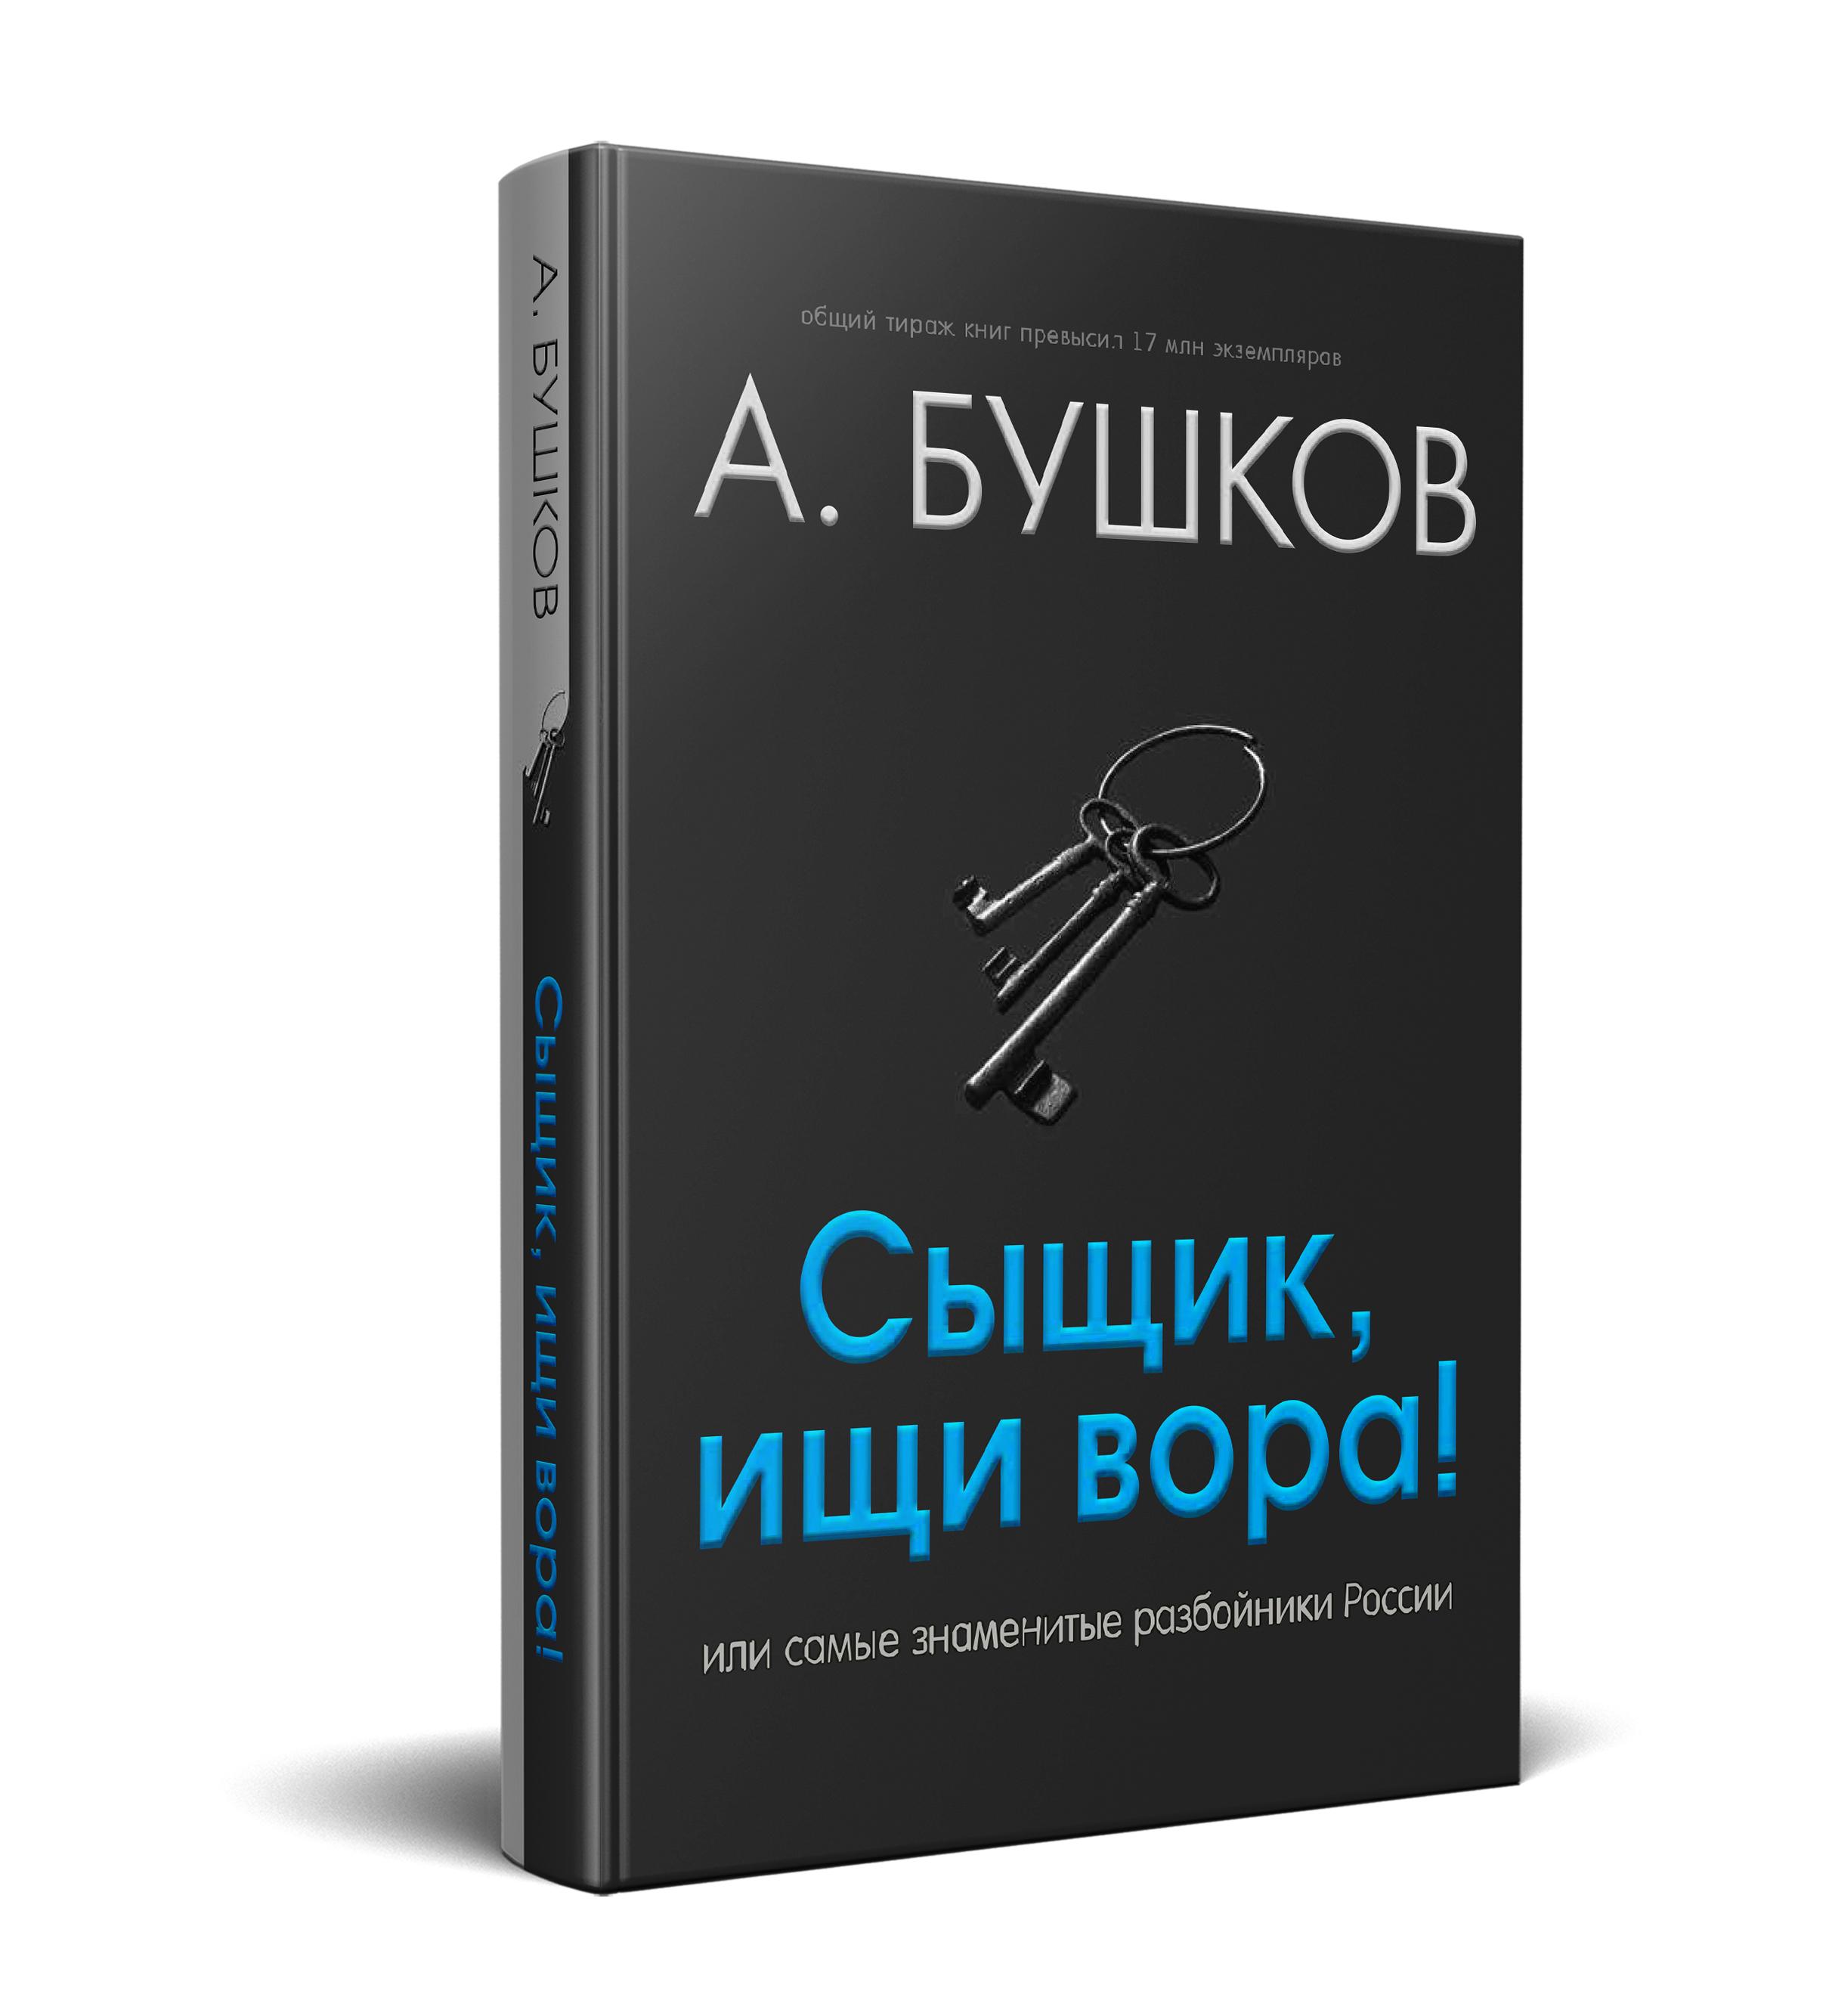 А. Бушков Сыщик, ищи вора! Или самые знаменитые разбойники России